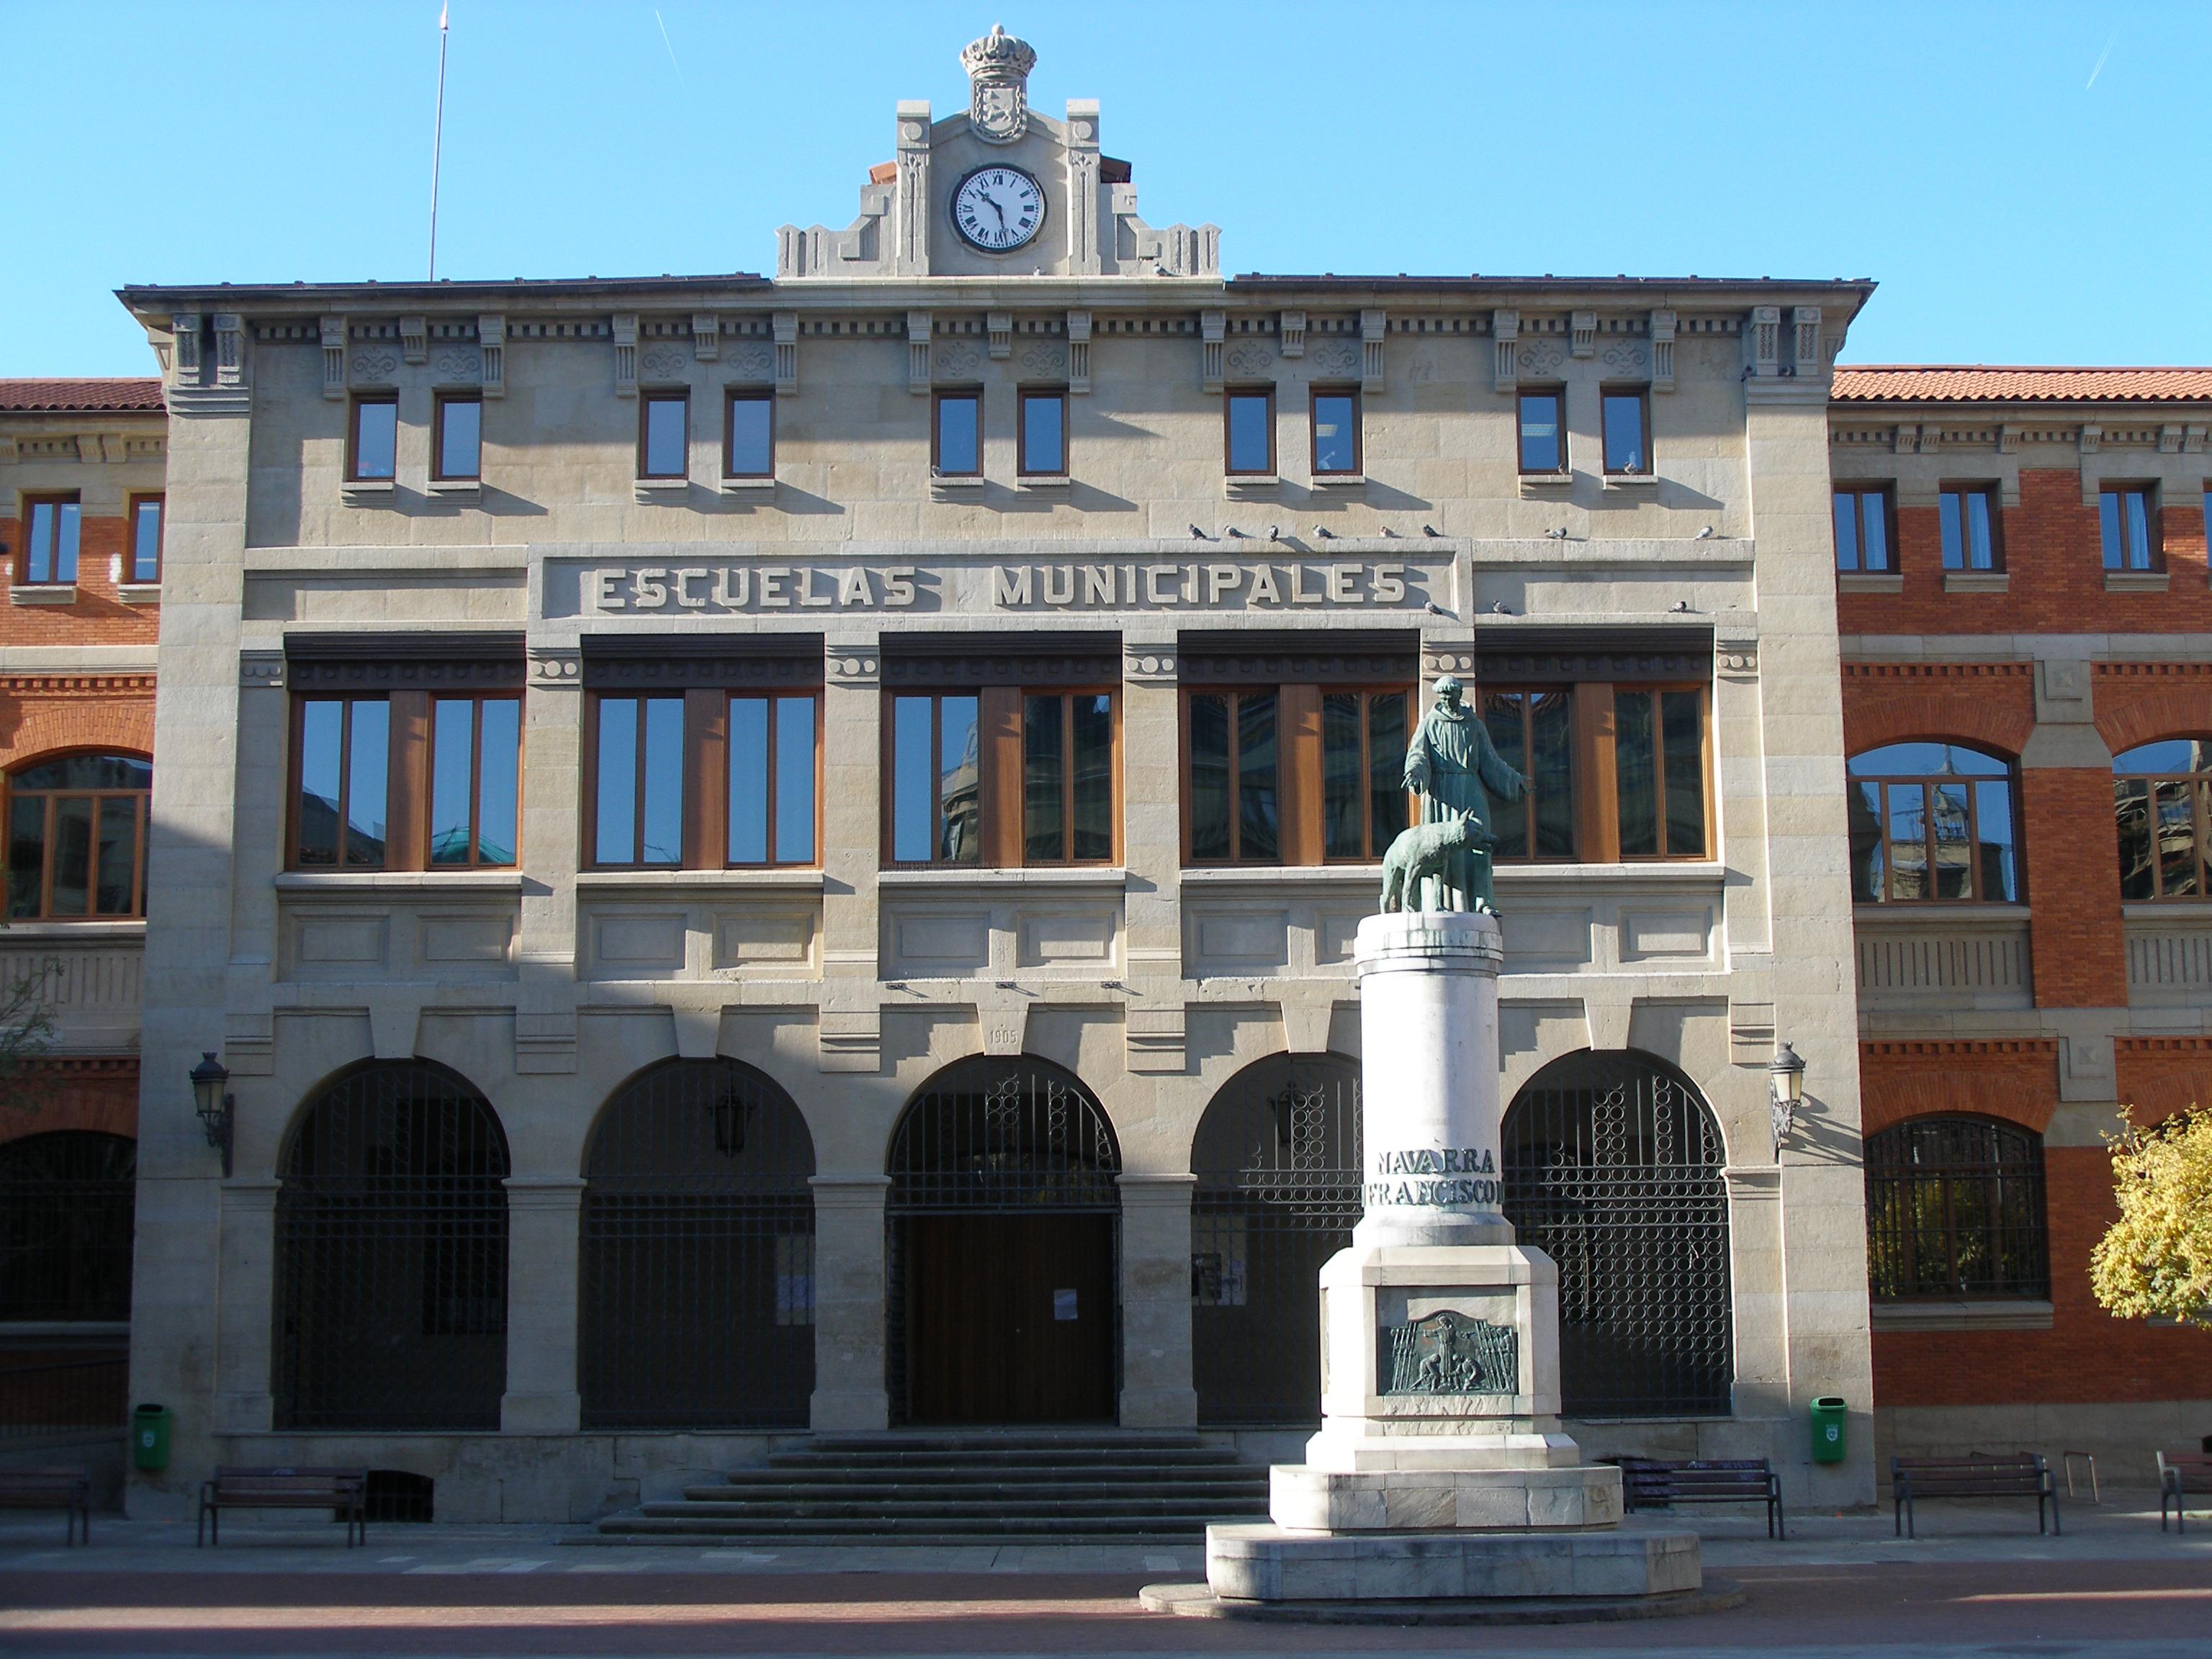 Asuntos de interés de esa semana de IE en el Parlamento de Navarra